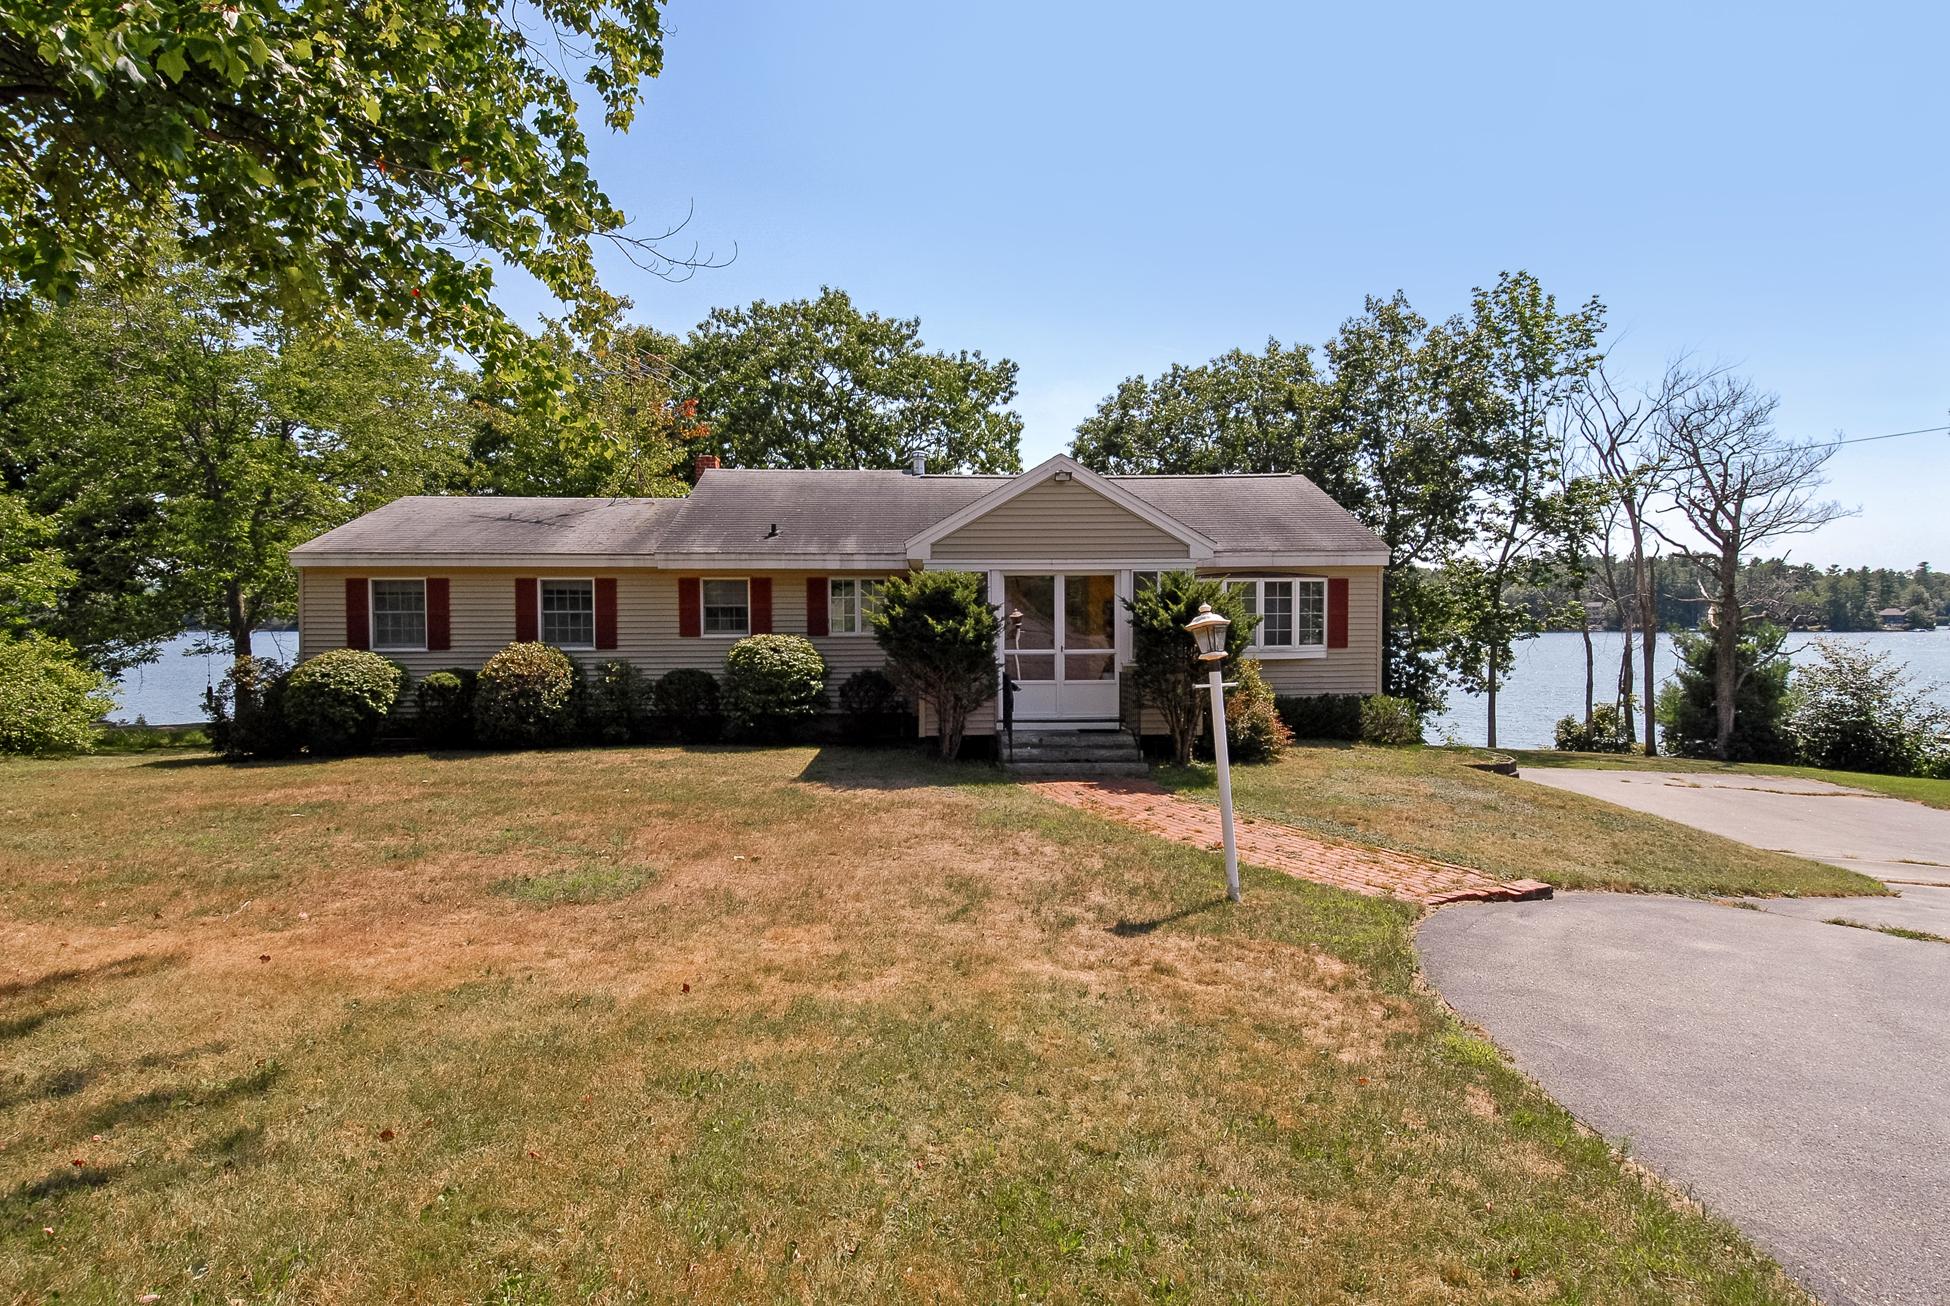 Maison unifamiliale pour l Vente à Halfmoon Lakefront Home 995 Suncook Valley Rd Alton, New Hampshire, 03809 États-Unis